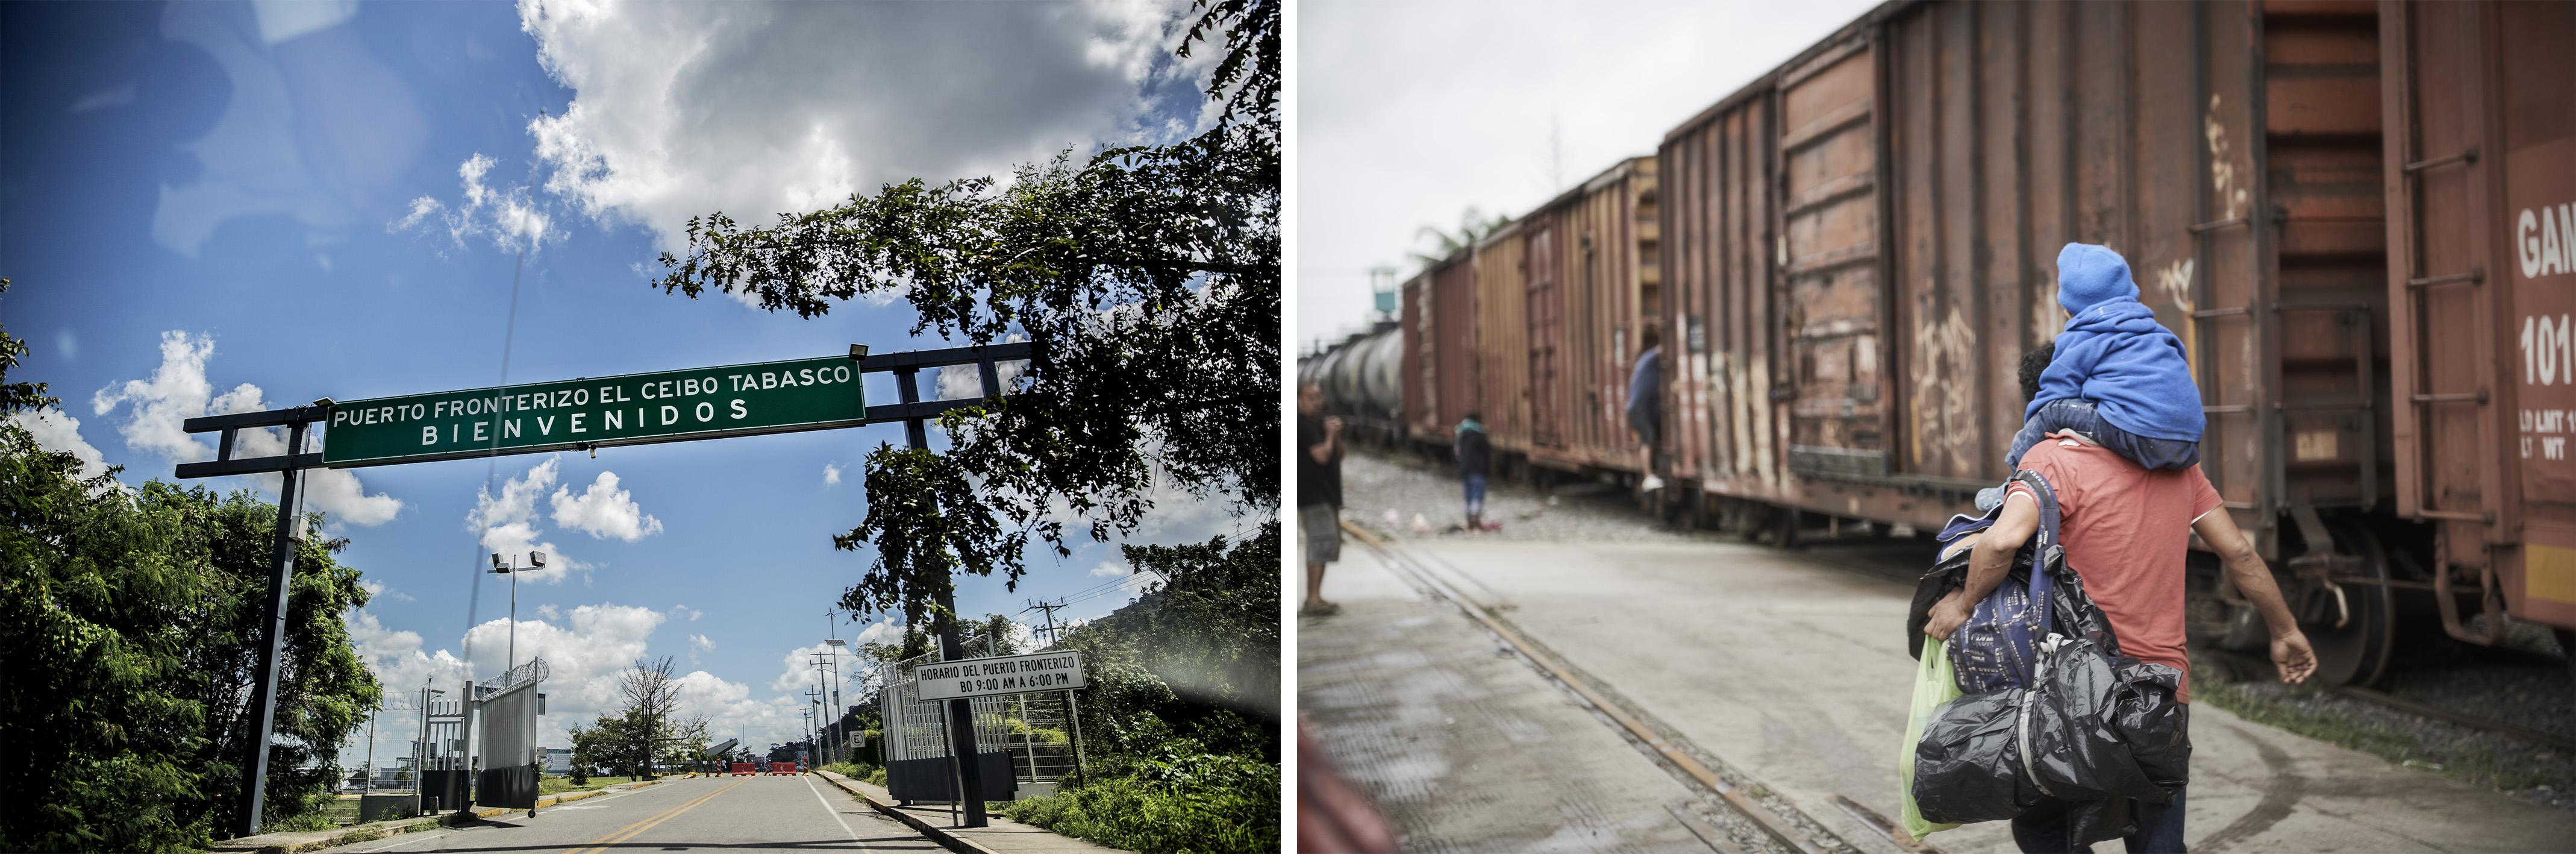 (gauche) Le poste frontière d'El Ceibo, entre le Guatemala et le Mexique. Juan Carlos Tomasi/MSF (droite) Un homme porte son enfant sur les épaules tandis qu'il cherche à monter dans un train.Christina Simons/MSF